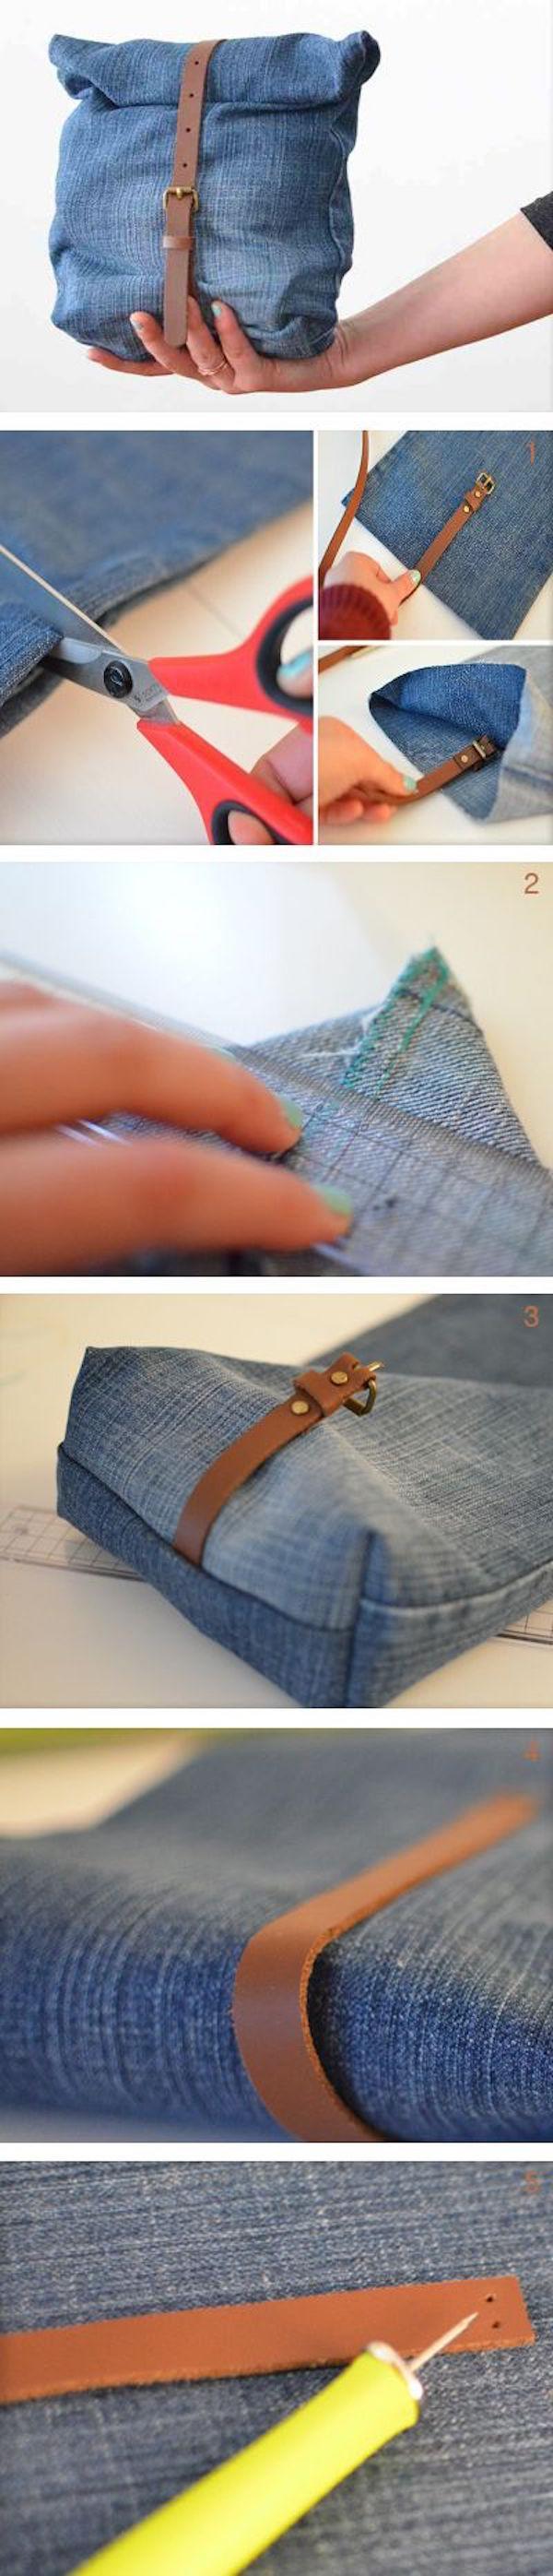 不穿的牛仔裤怎么活用?